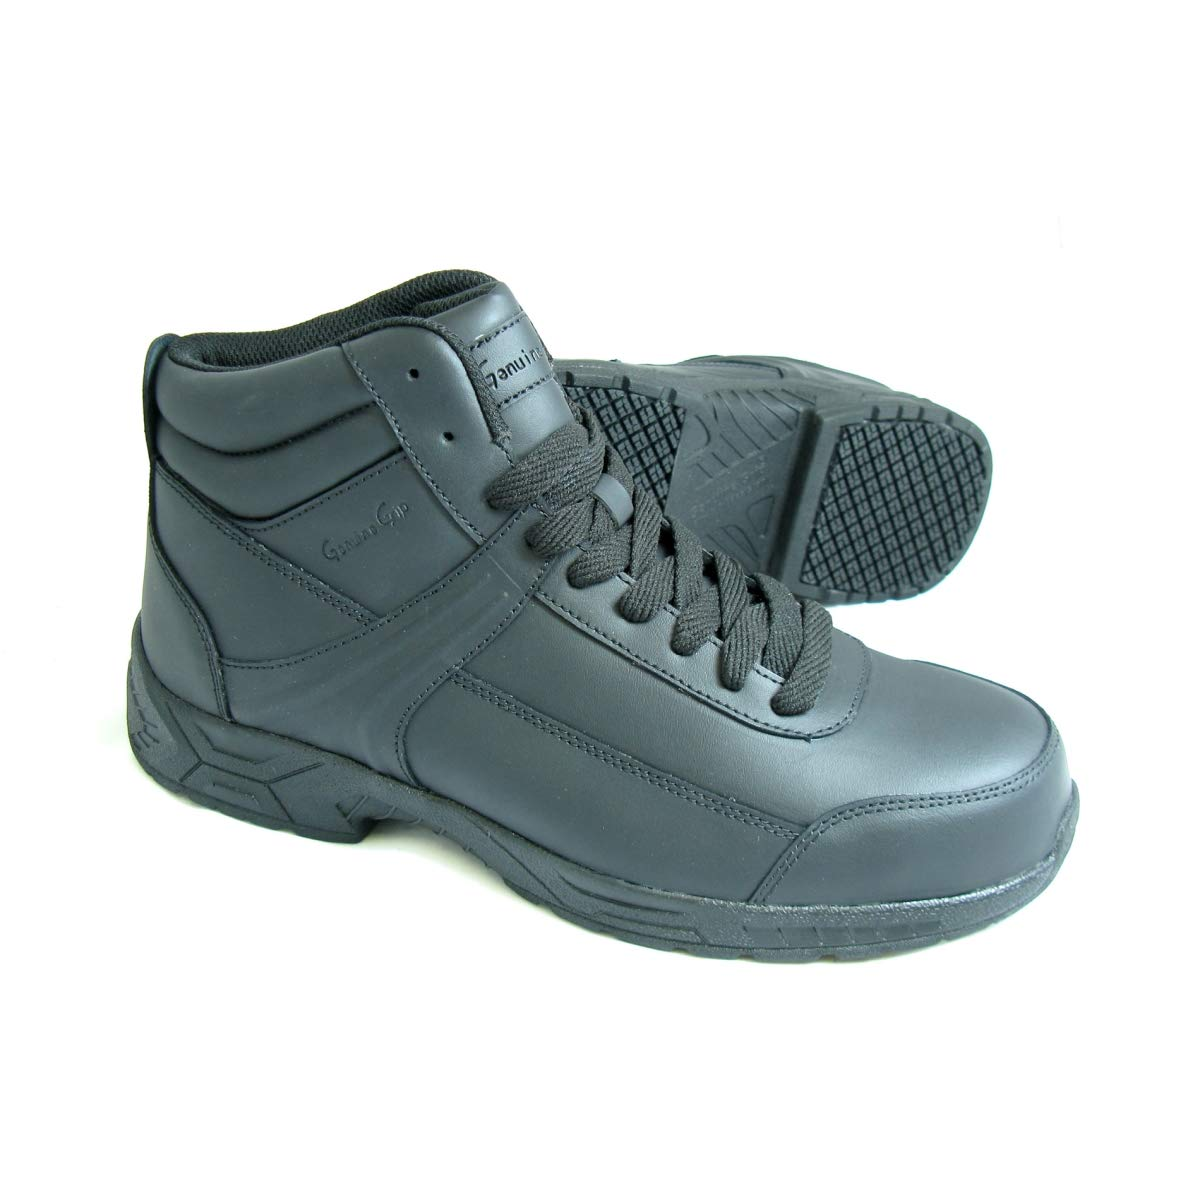 Genuine Grip Footwear: Women's 8400 Black - Medium - 14 by Genuine Grip (Image #1)